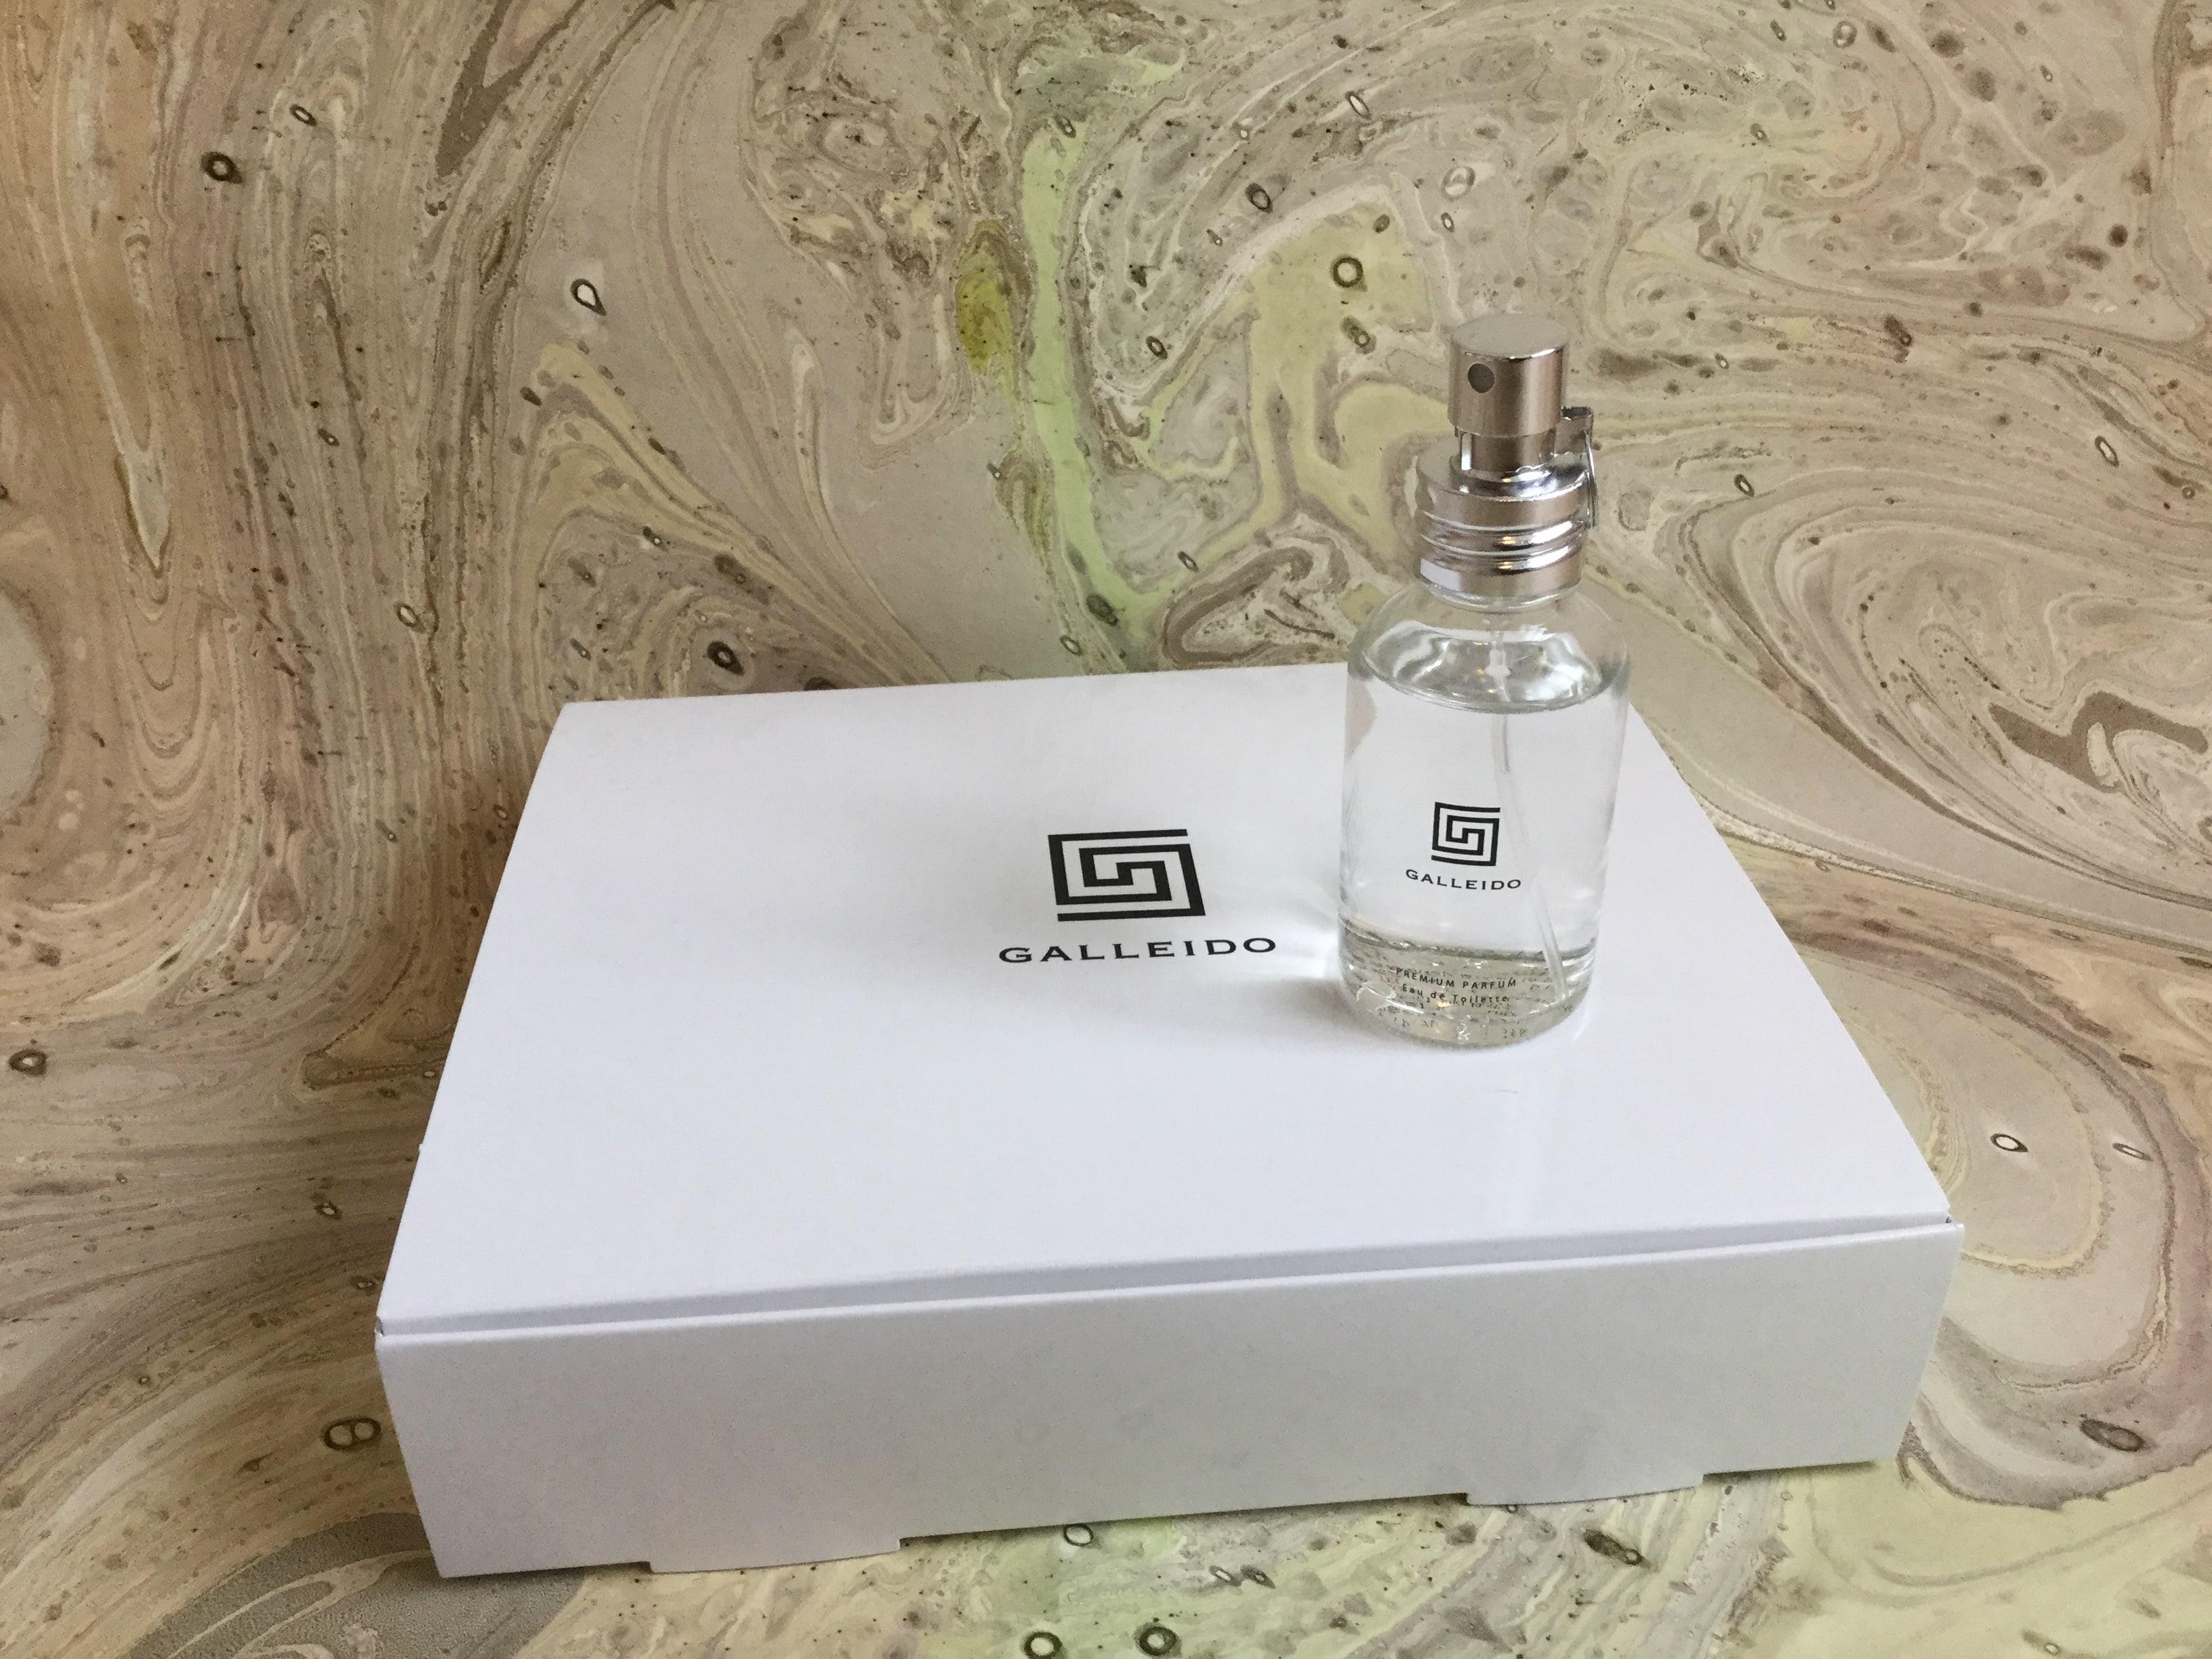 ガレイド香水